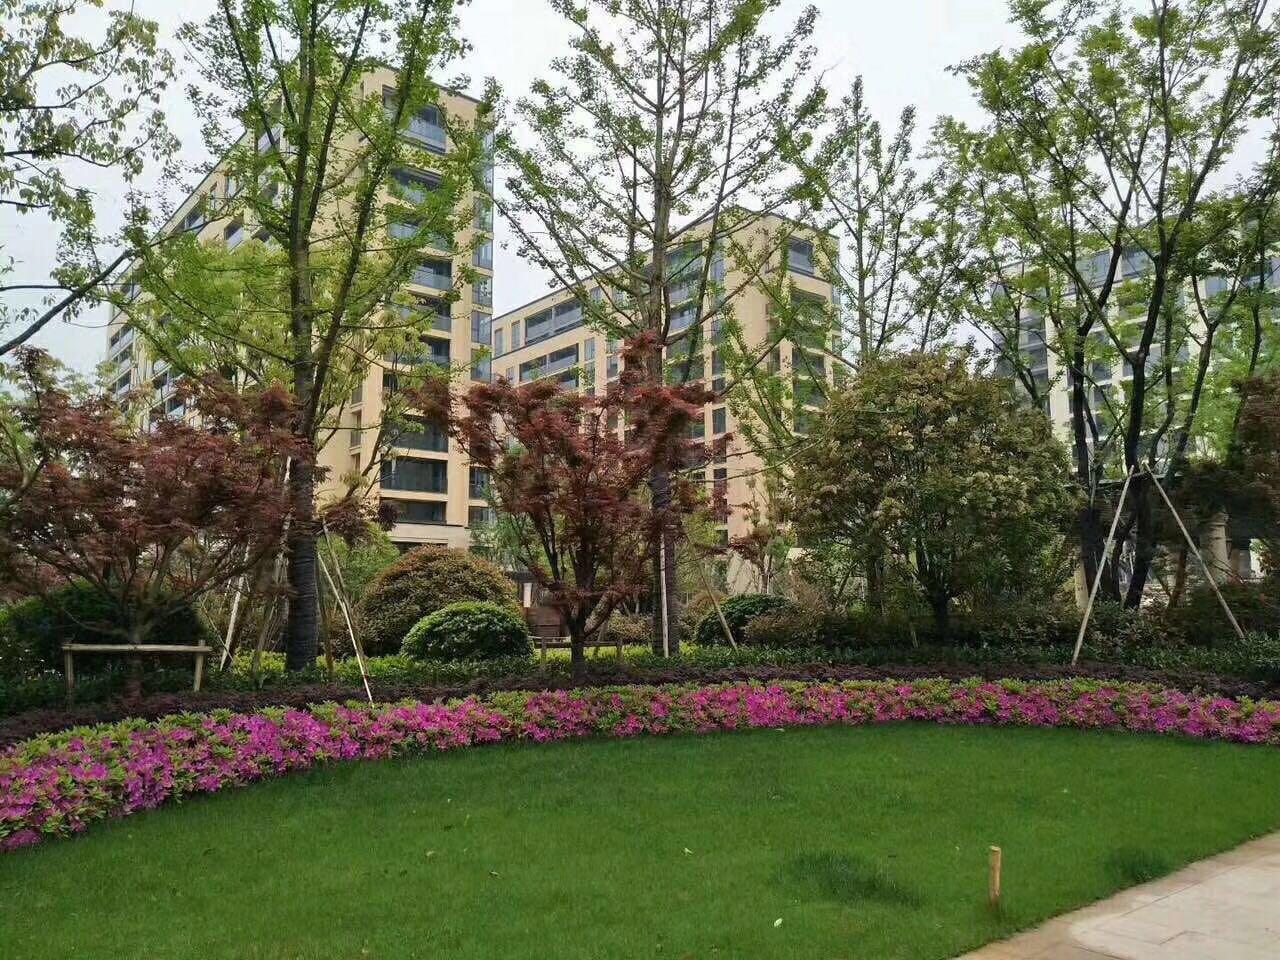 安福家园义乌后花园最具潜力绿城品质现房多套钥匙房